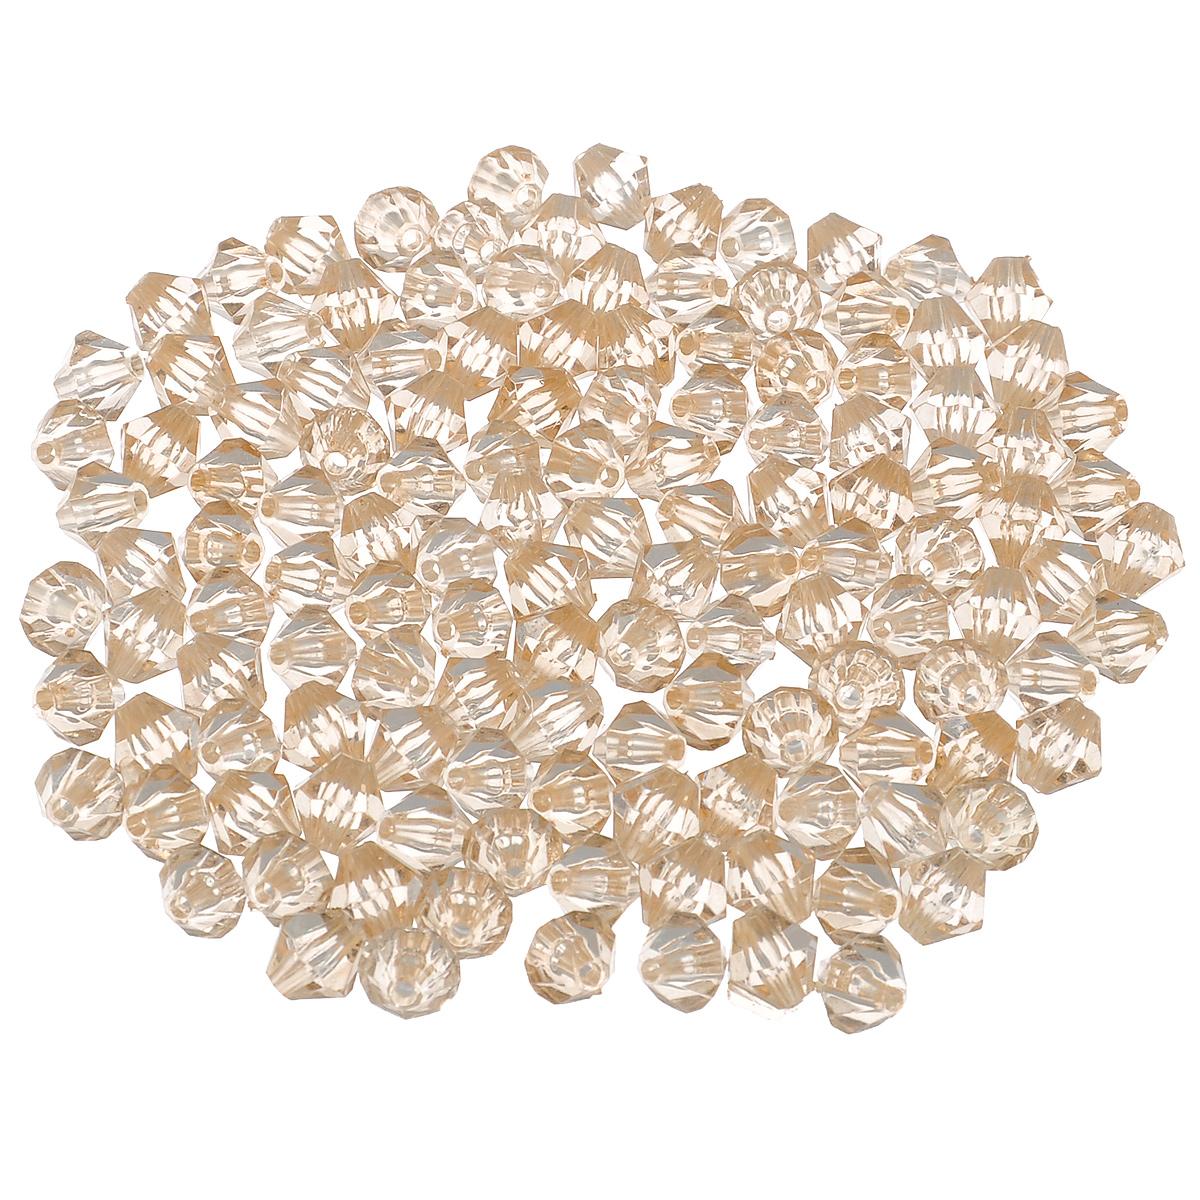 Бусины Астра, цвет: бежевый (76), 8 мм х 9 мм, 25 г. 684980_76684980_76Набор бусин Астра, изготовленный из акрила, позволит вам своими руками создать оригинальные ожерелья, бусы или браслеты. Одноцветные ромбовидные бусины оригинального и яркого дизайна оснащены рельефными, многогранными поверхностями. Изготовление украшений - занимательное хобби и реализация творческих способностей рукодельницы, это возможность создания неповторимого индивидуального подарка.